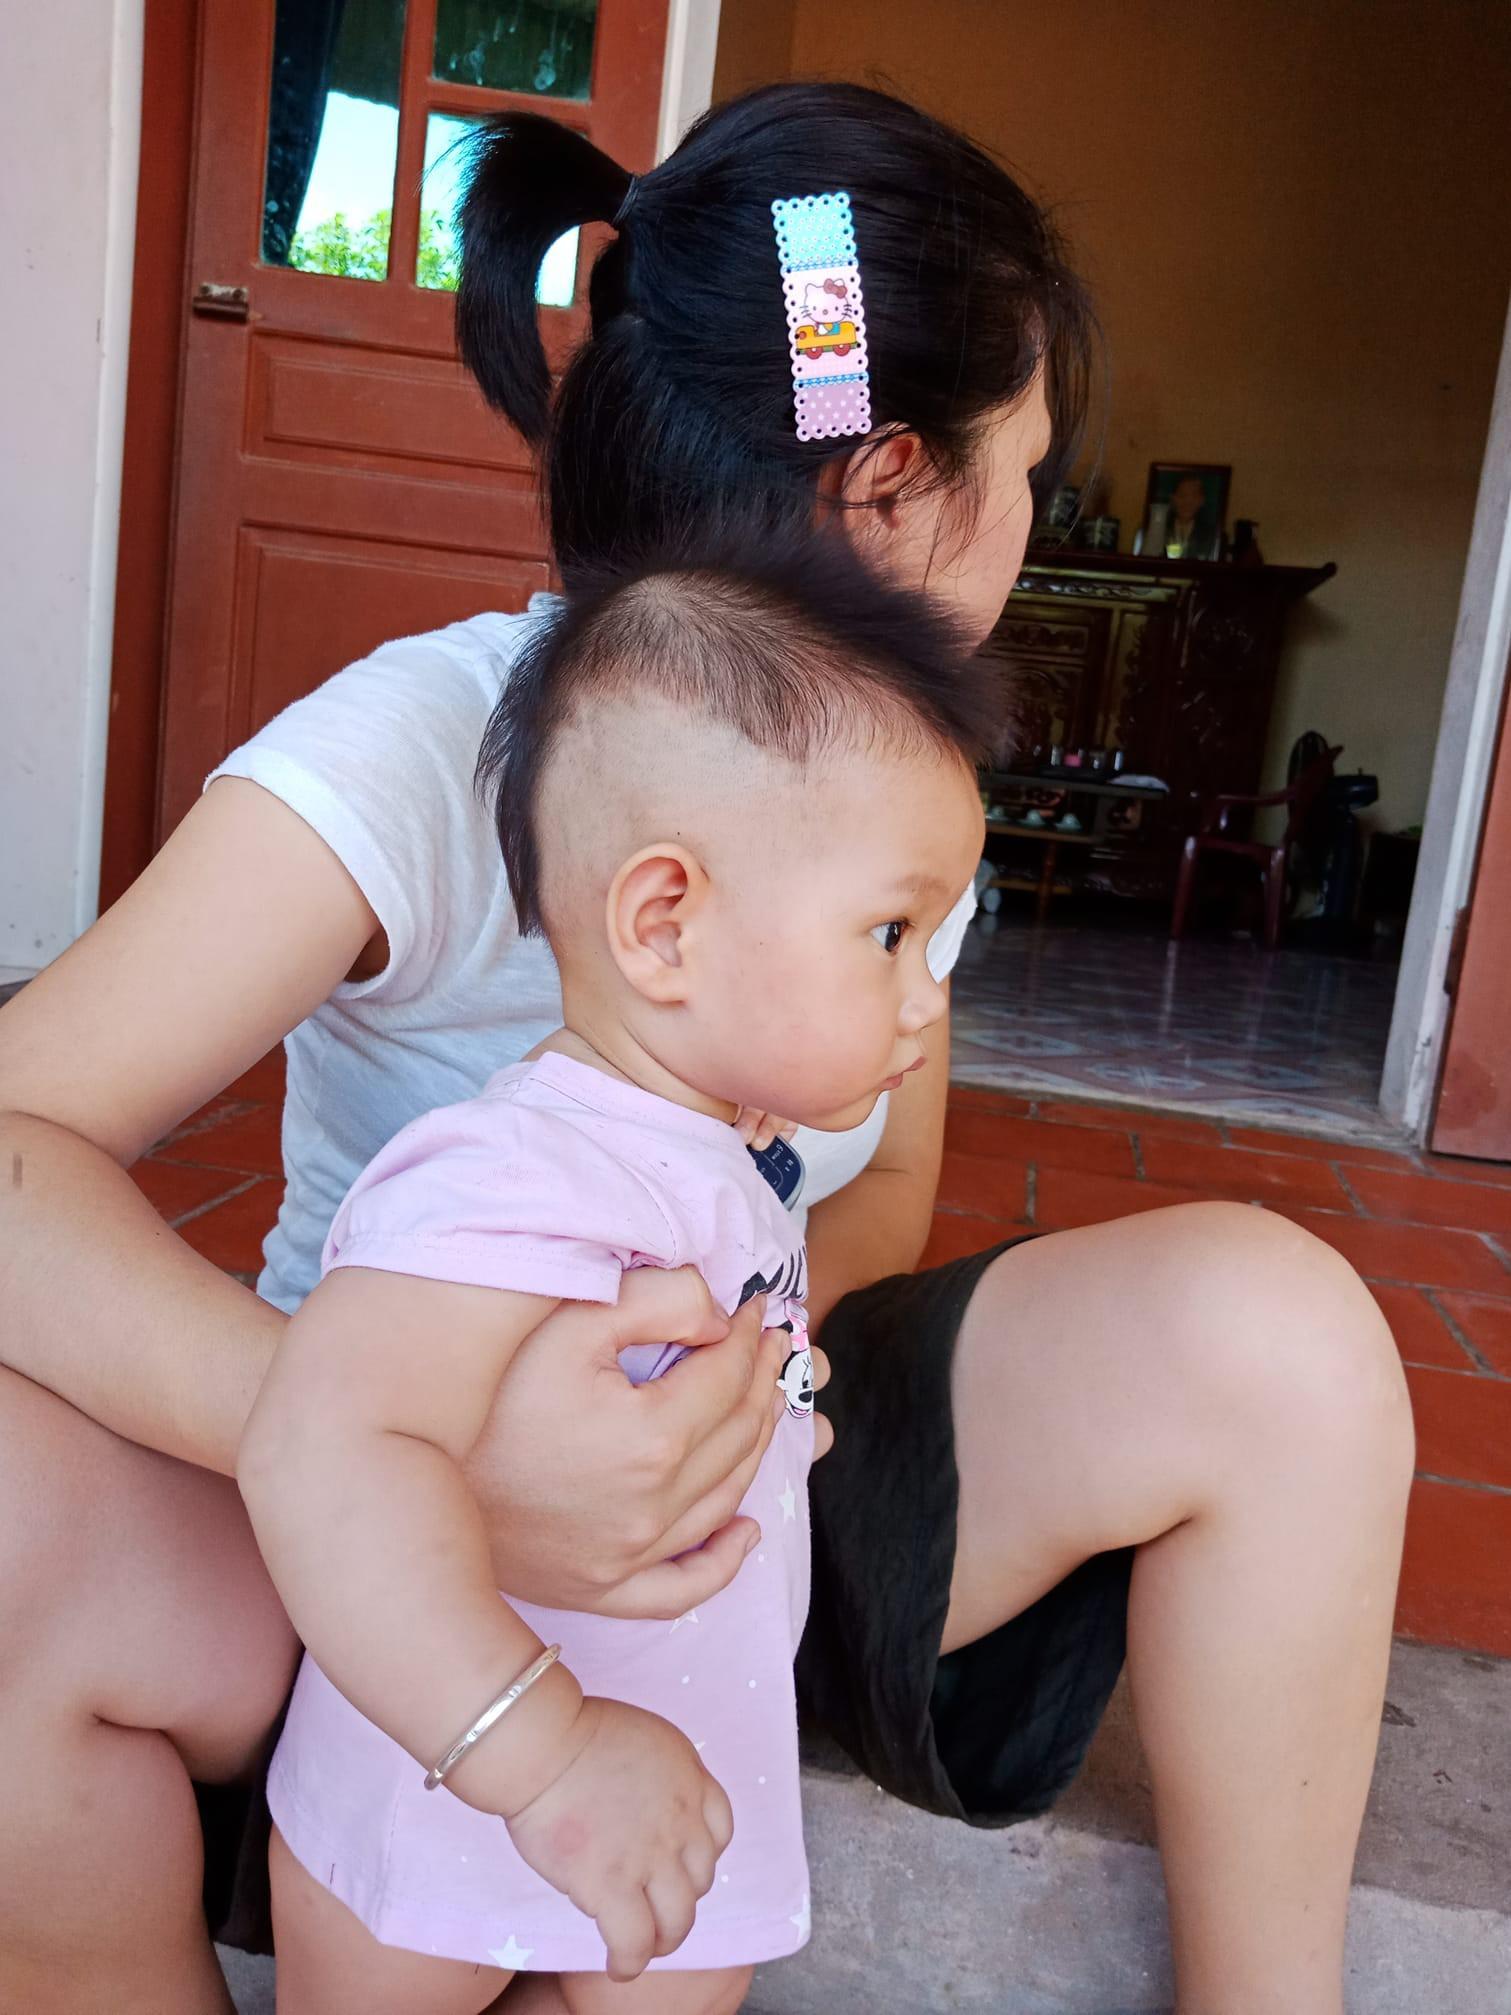 Mẹ chỉ chợp mắt nửa tiếng, bố đã tranh thủ tạo kiểu tóc cho cô công chúa để bắt kịp xu hướng của thần tượng - Ảnh 2.